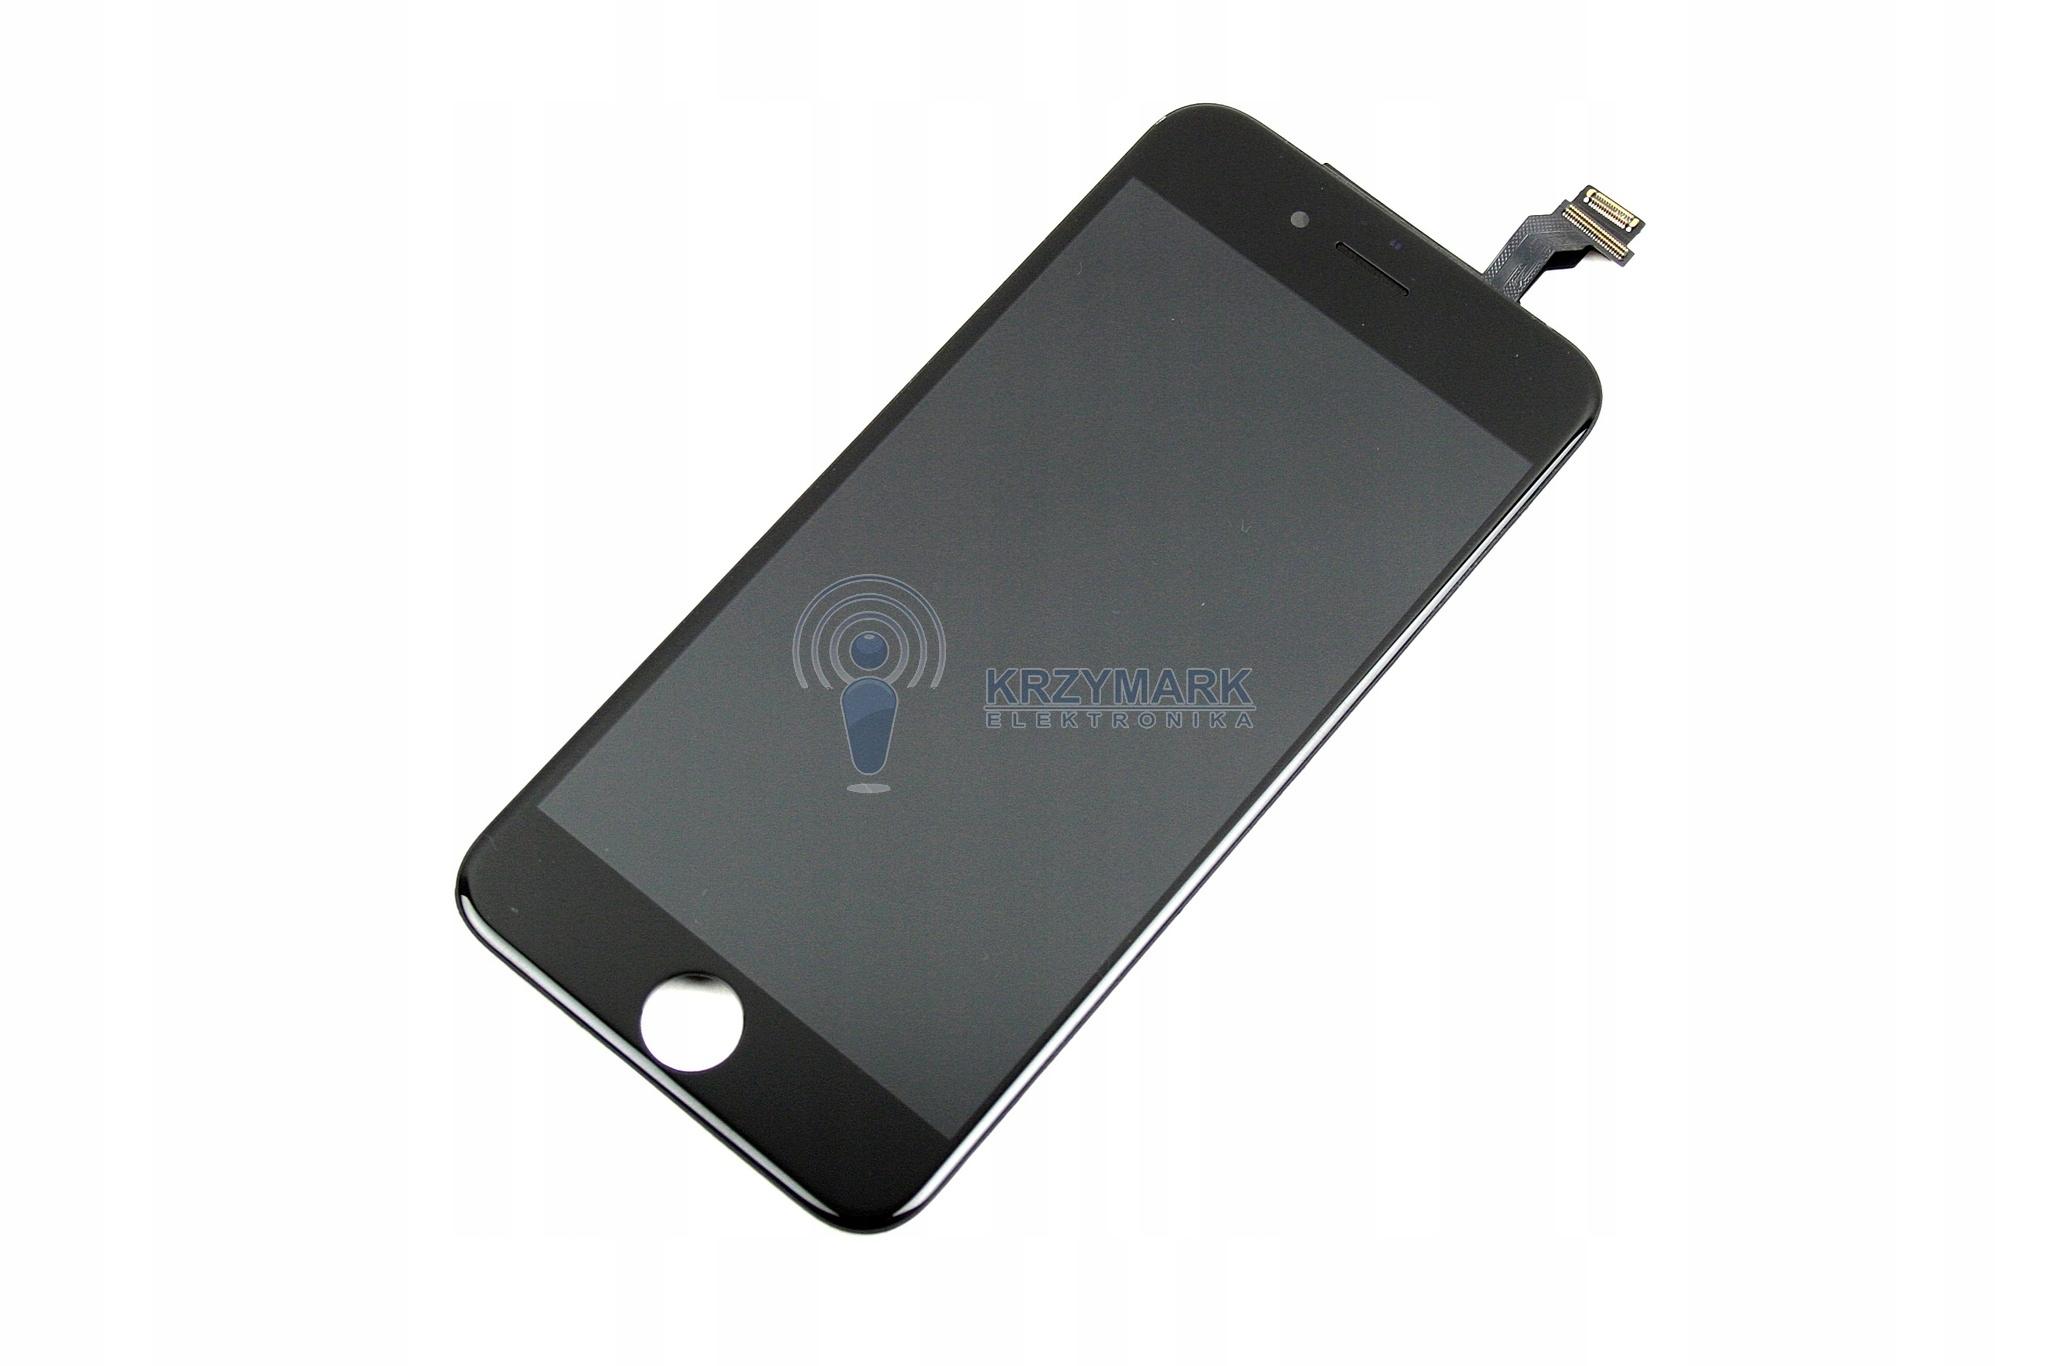 LCD EKRAN WYŚWIETLACZ APPLE IPHONE 6 CZARNY RAMKA